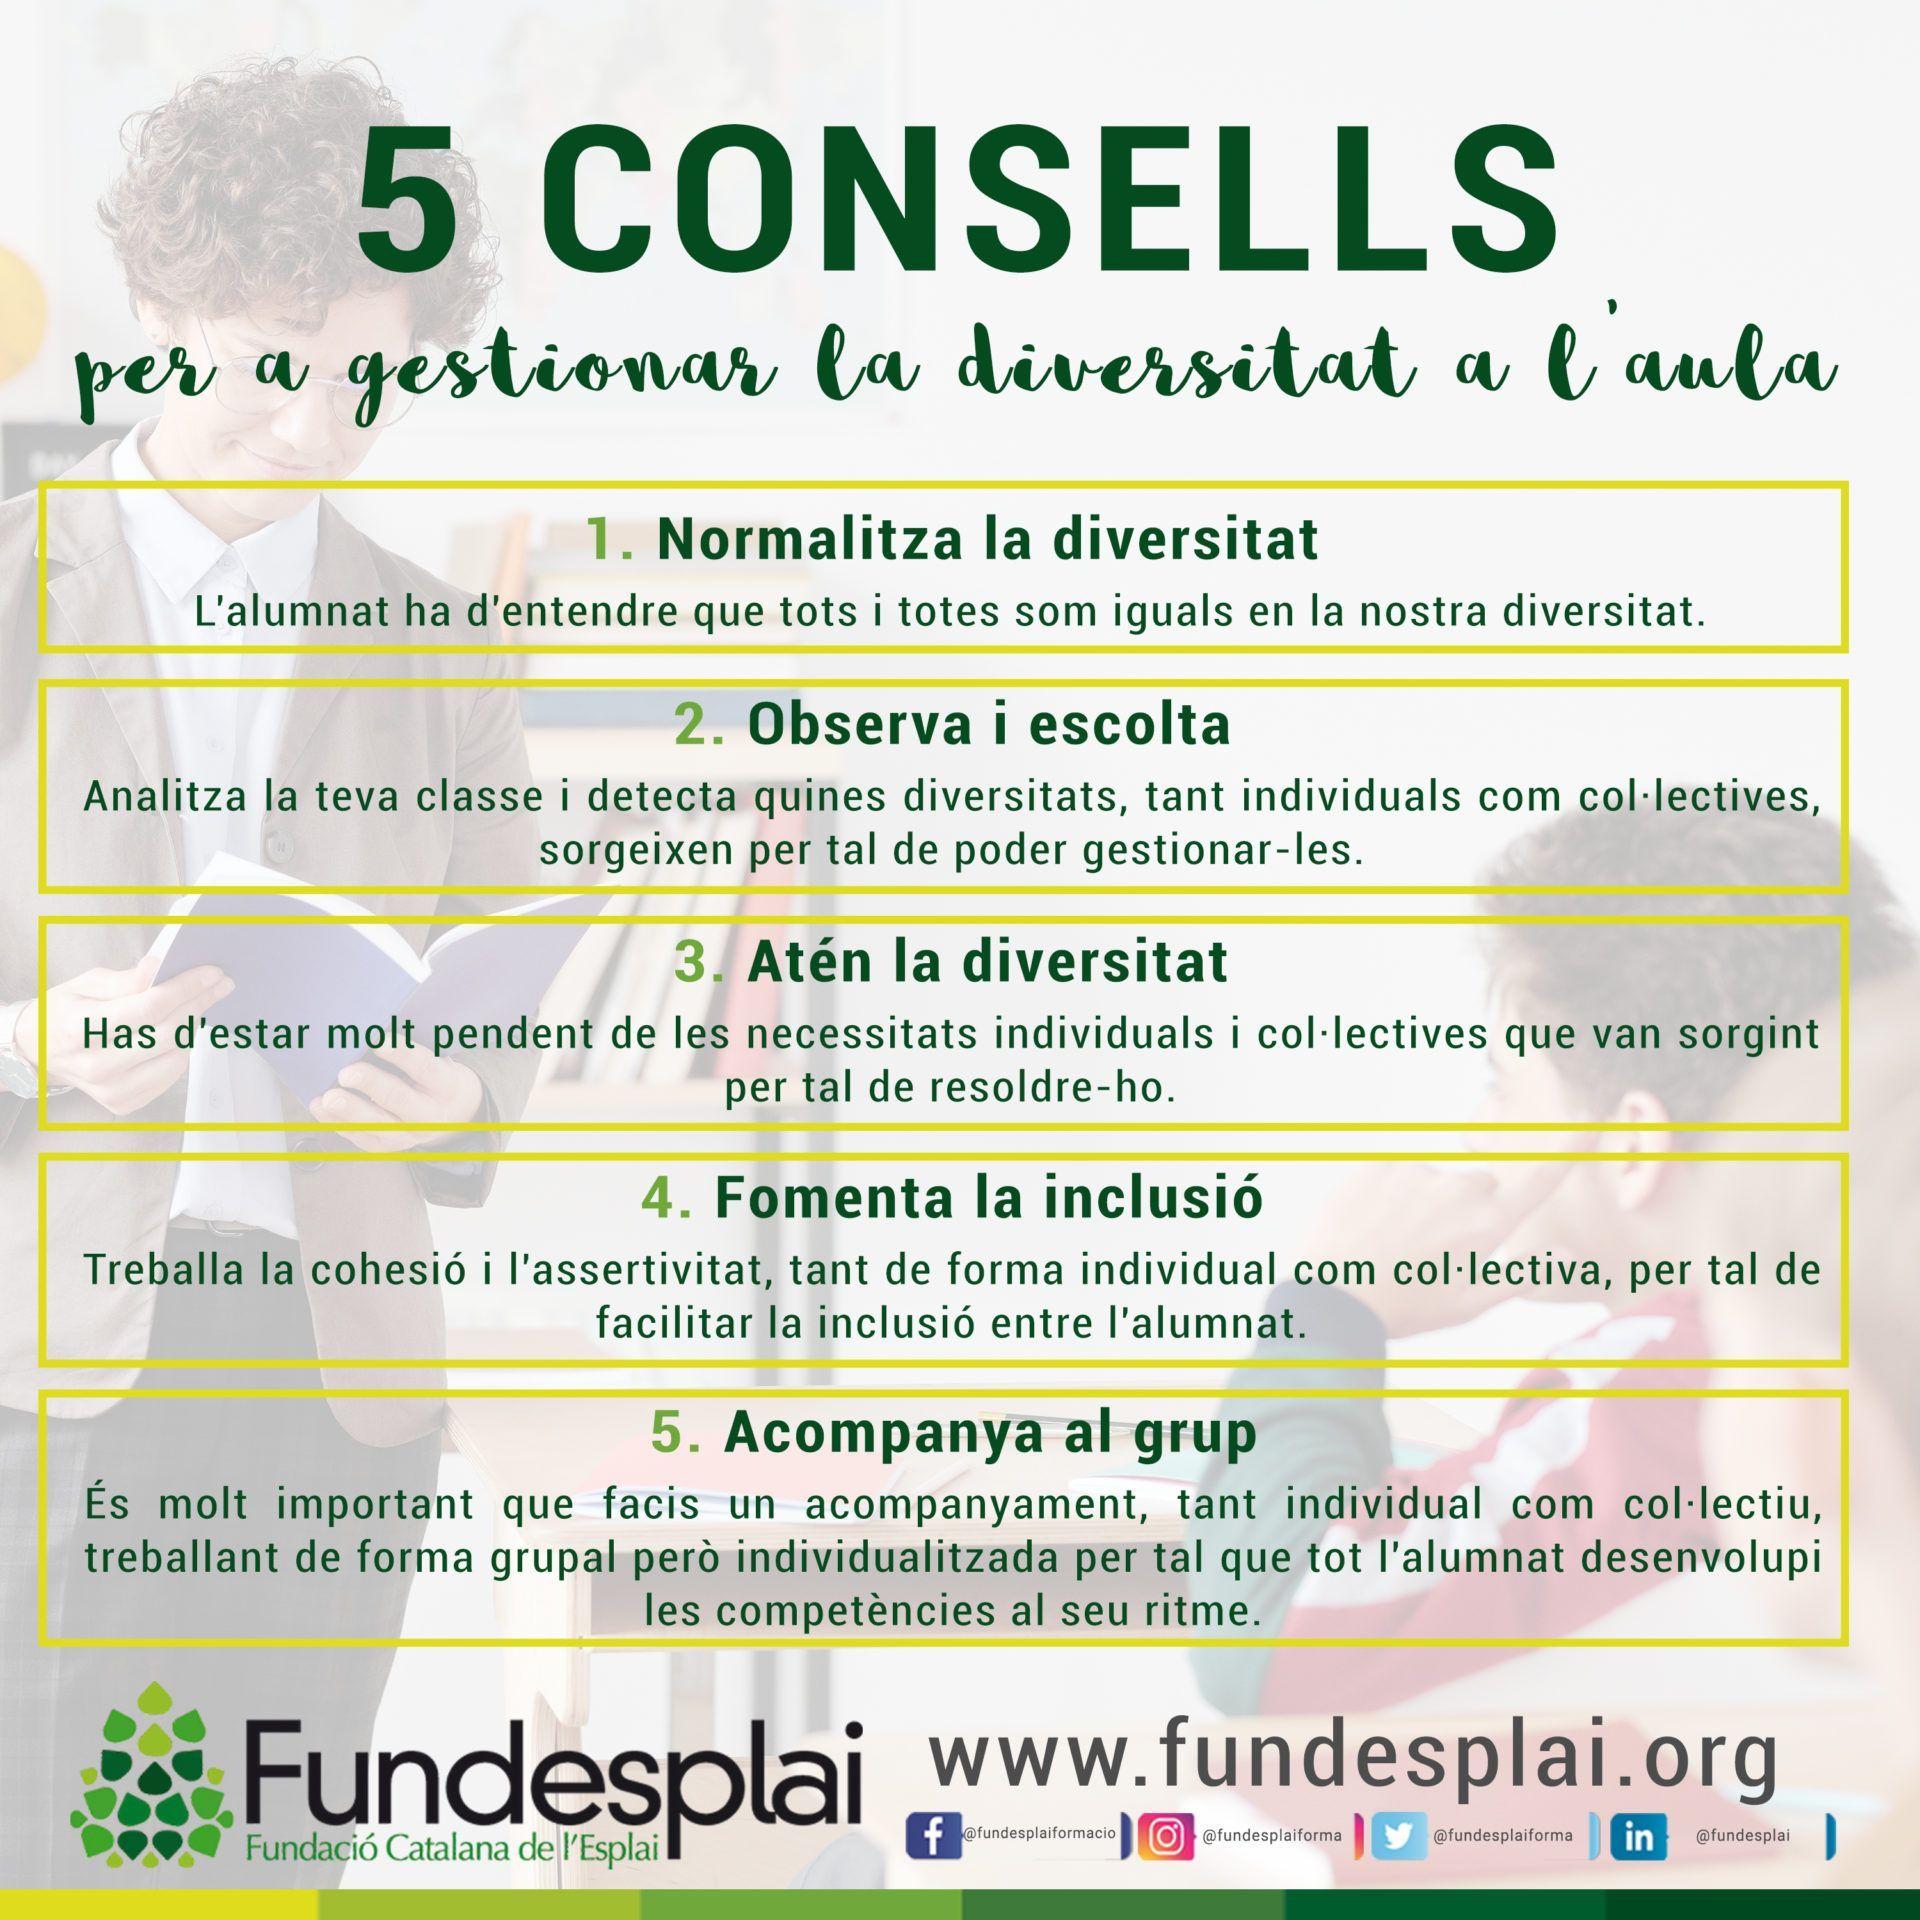 5 consells per a gestionar la diversitat a l'aula Fundesplai